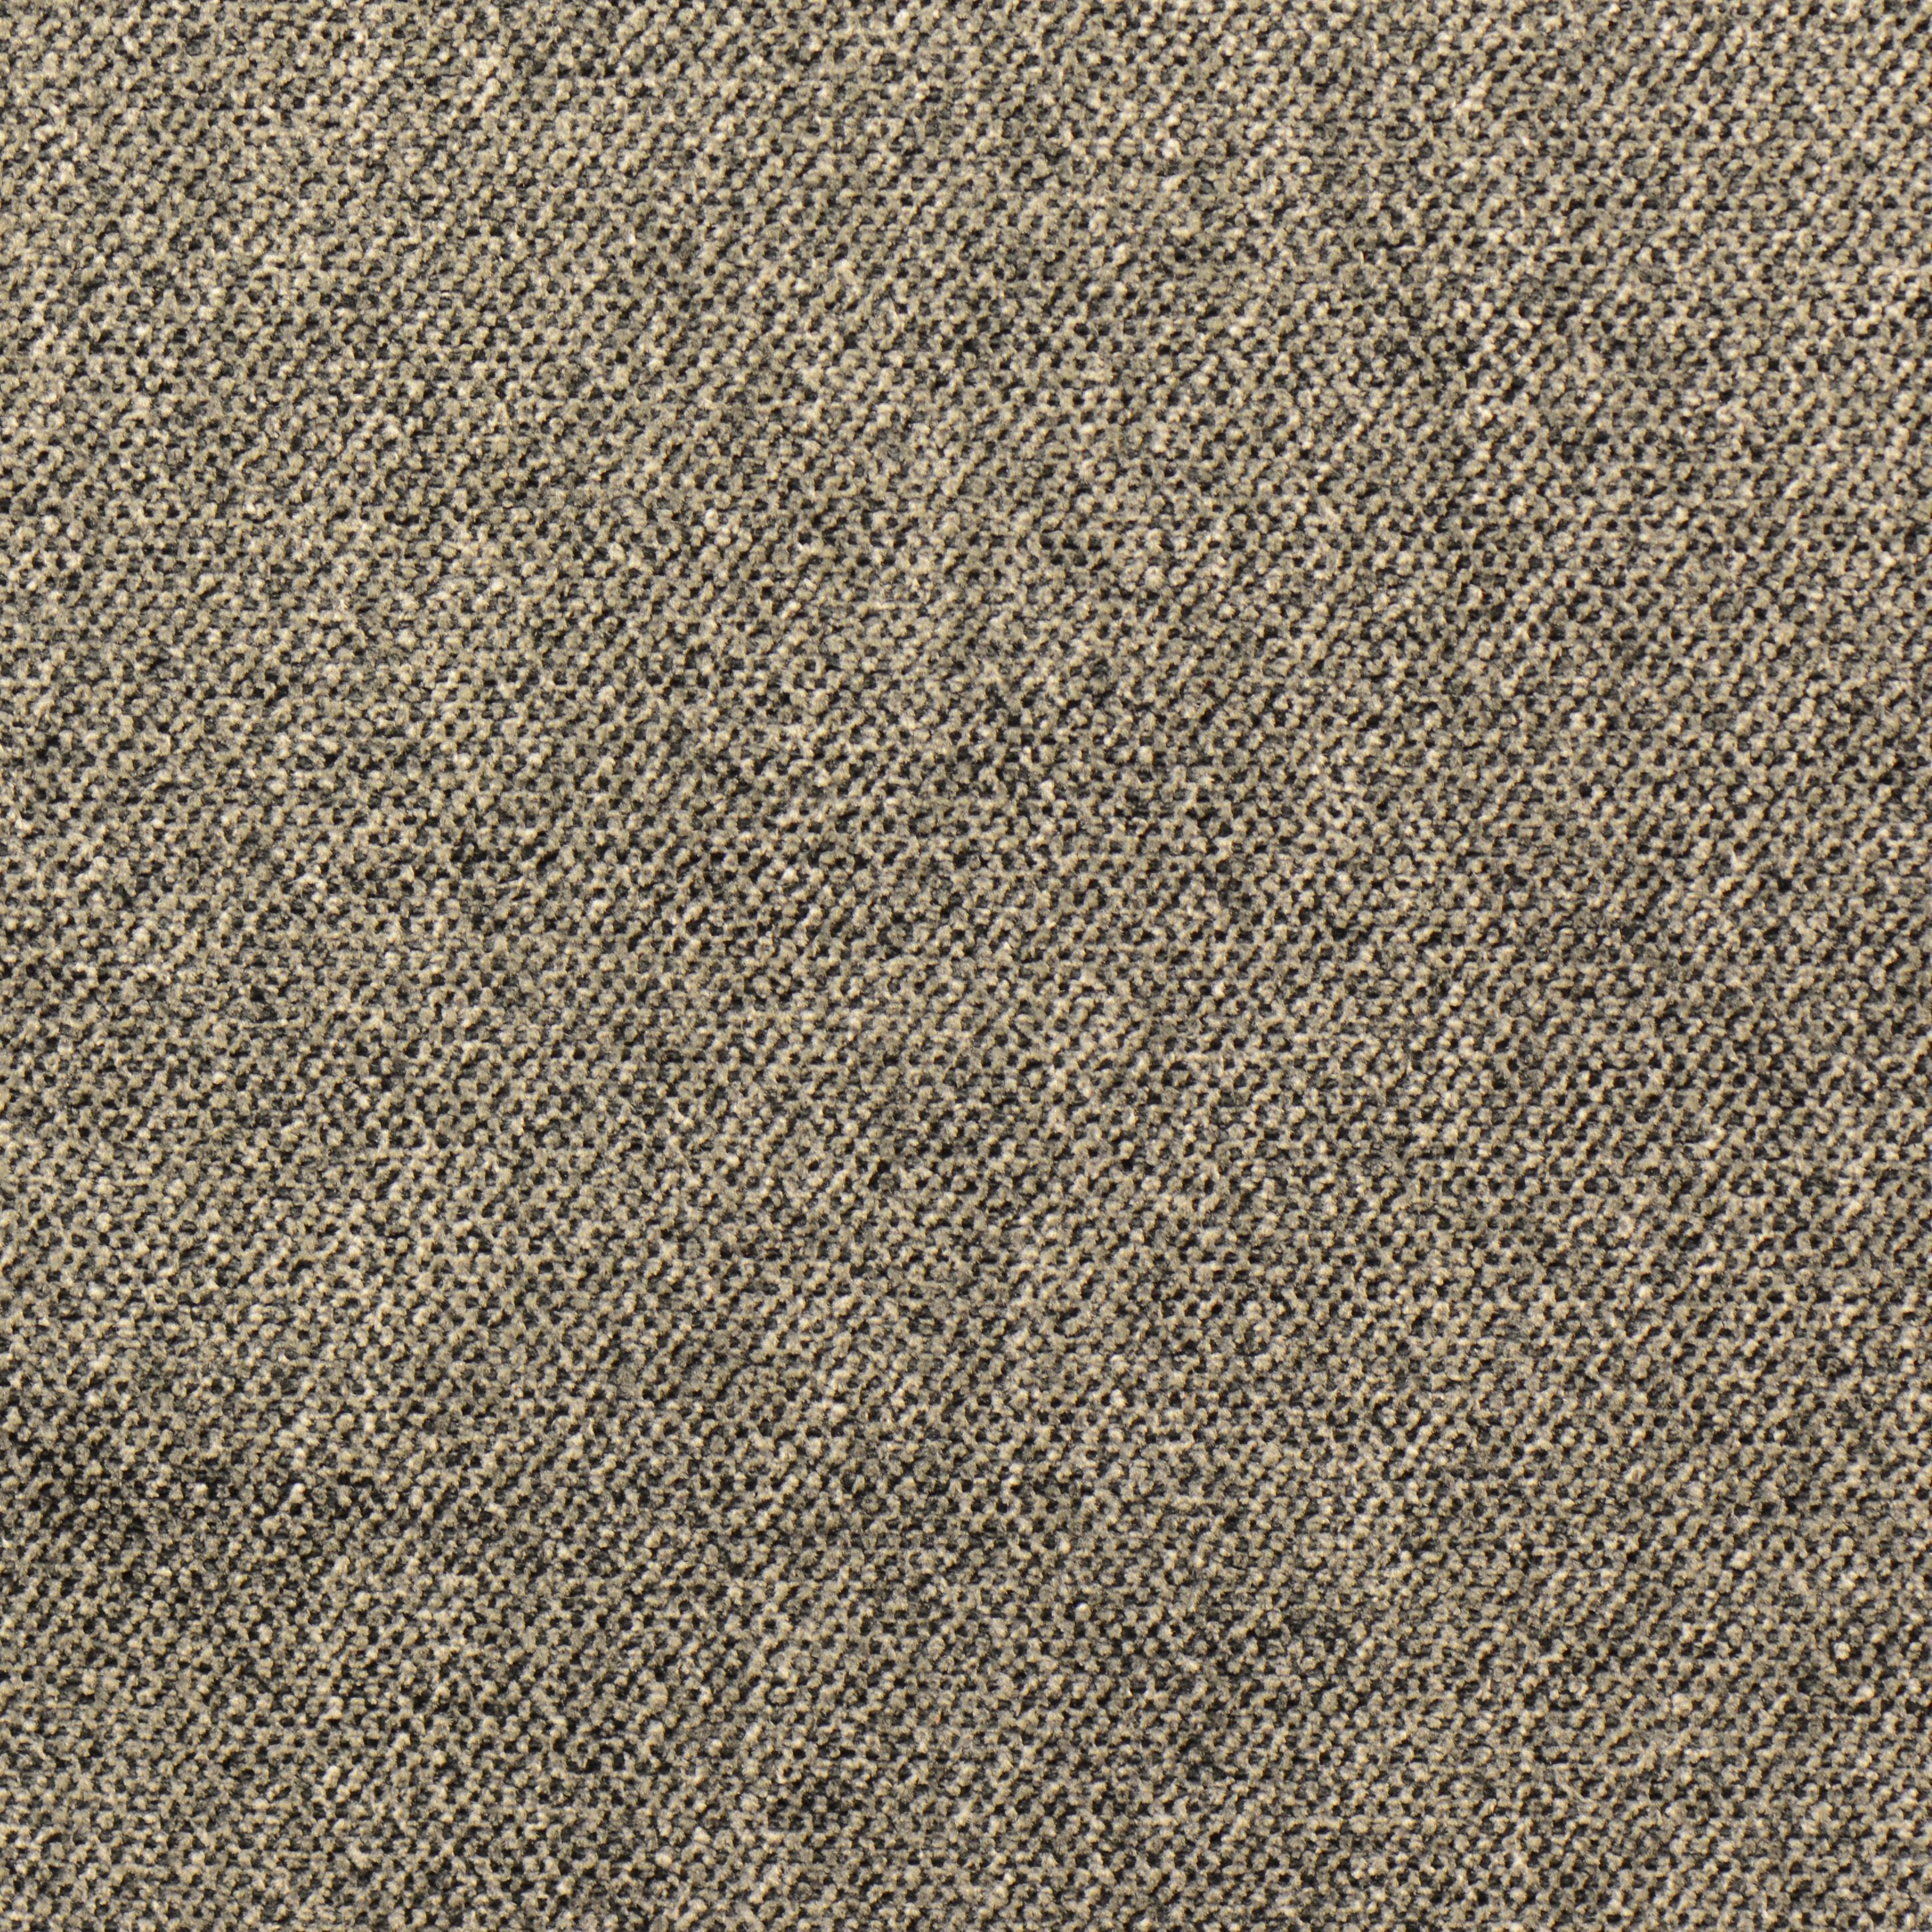 Titanum grey 006